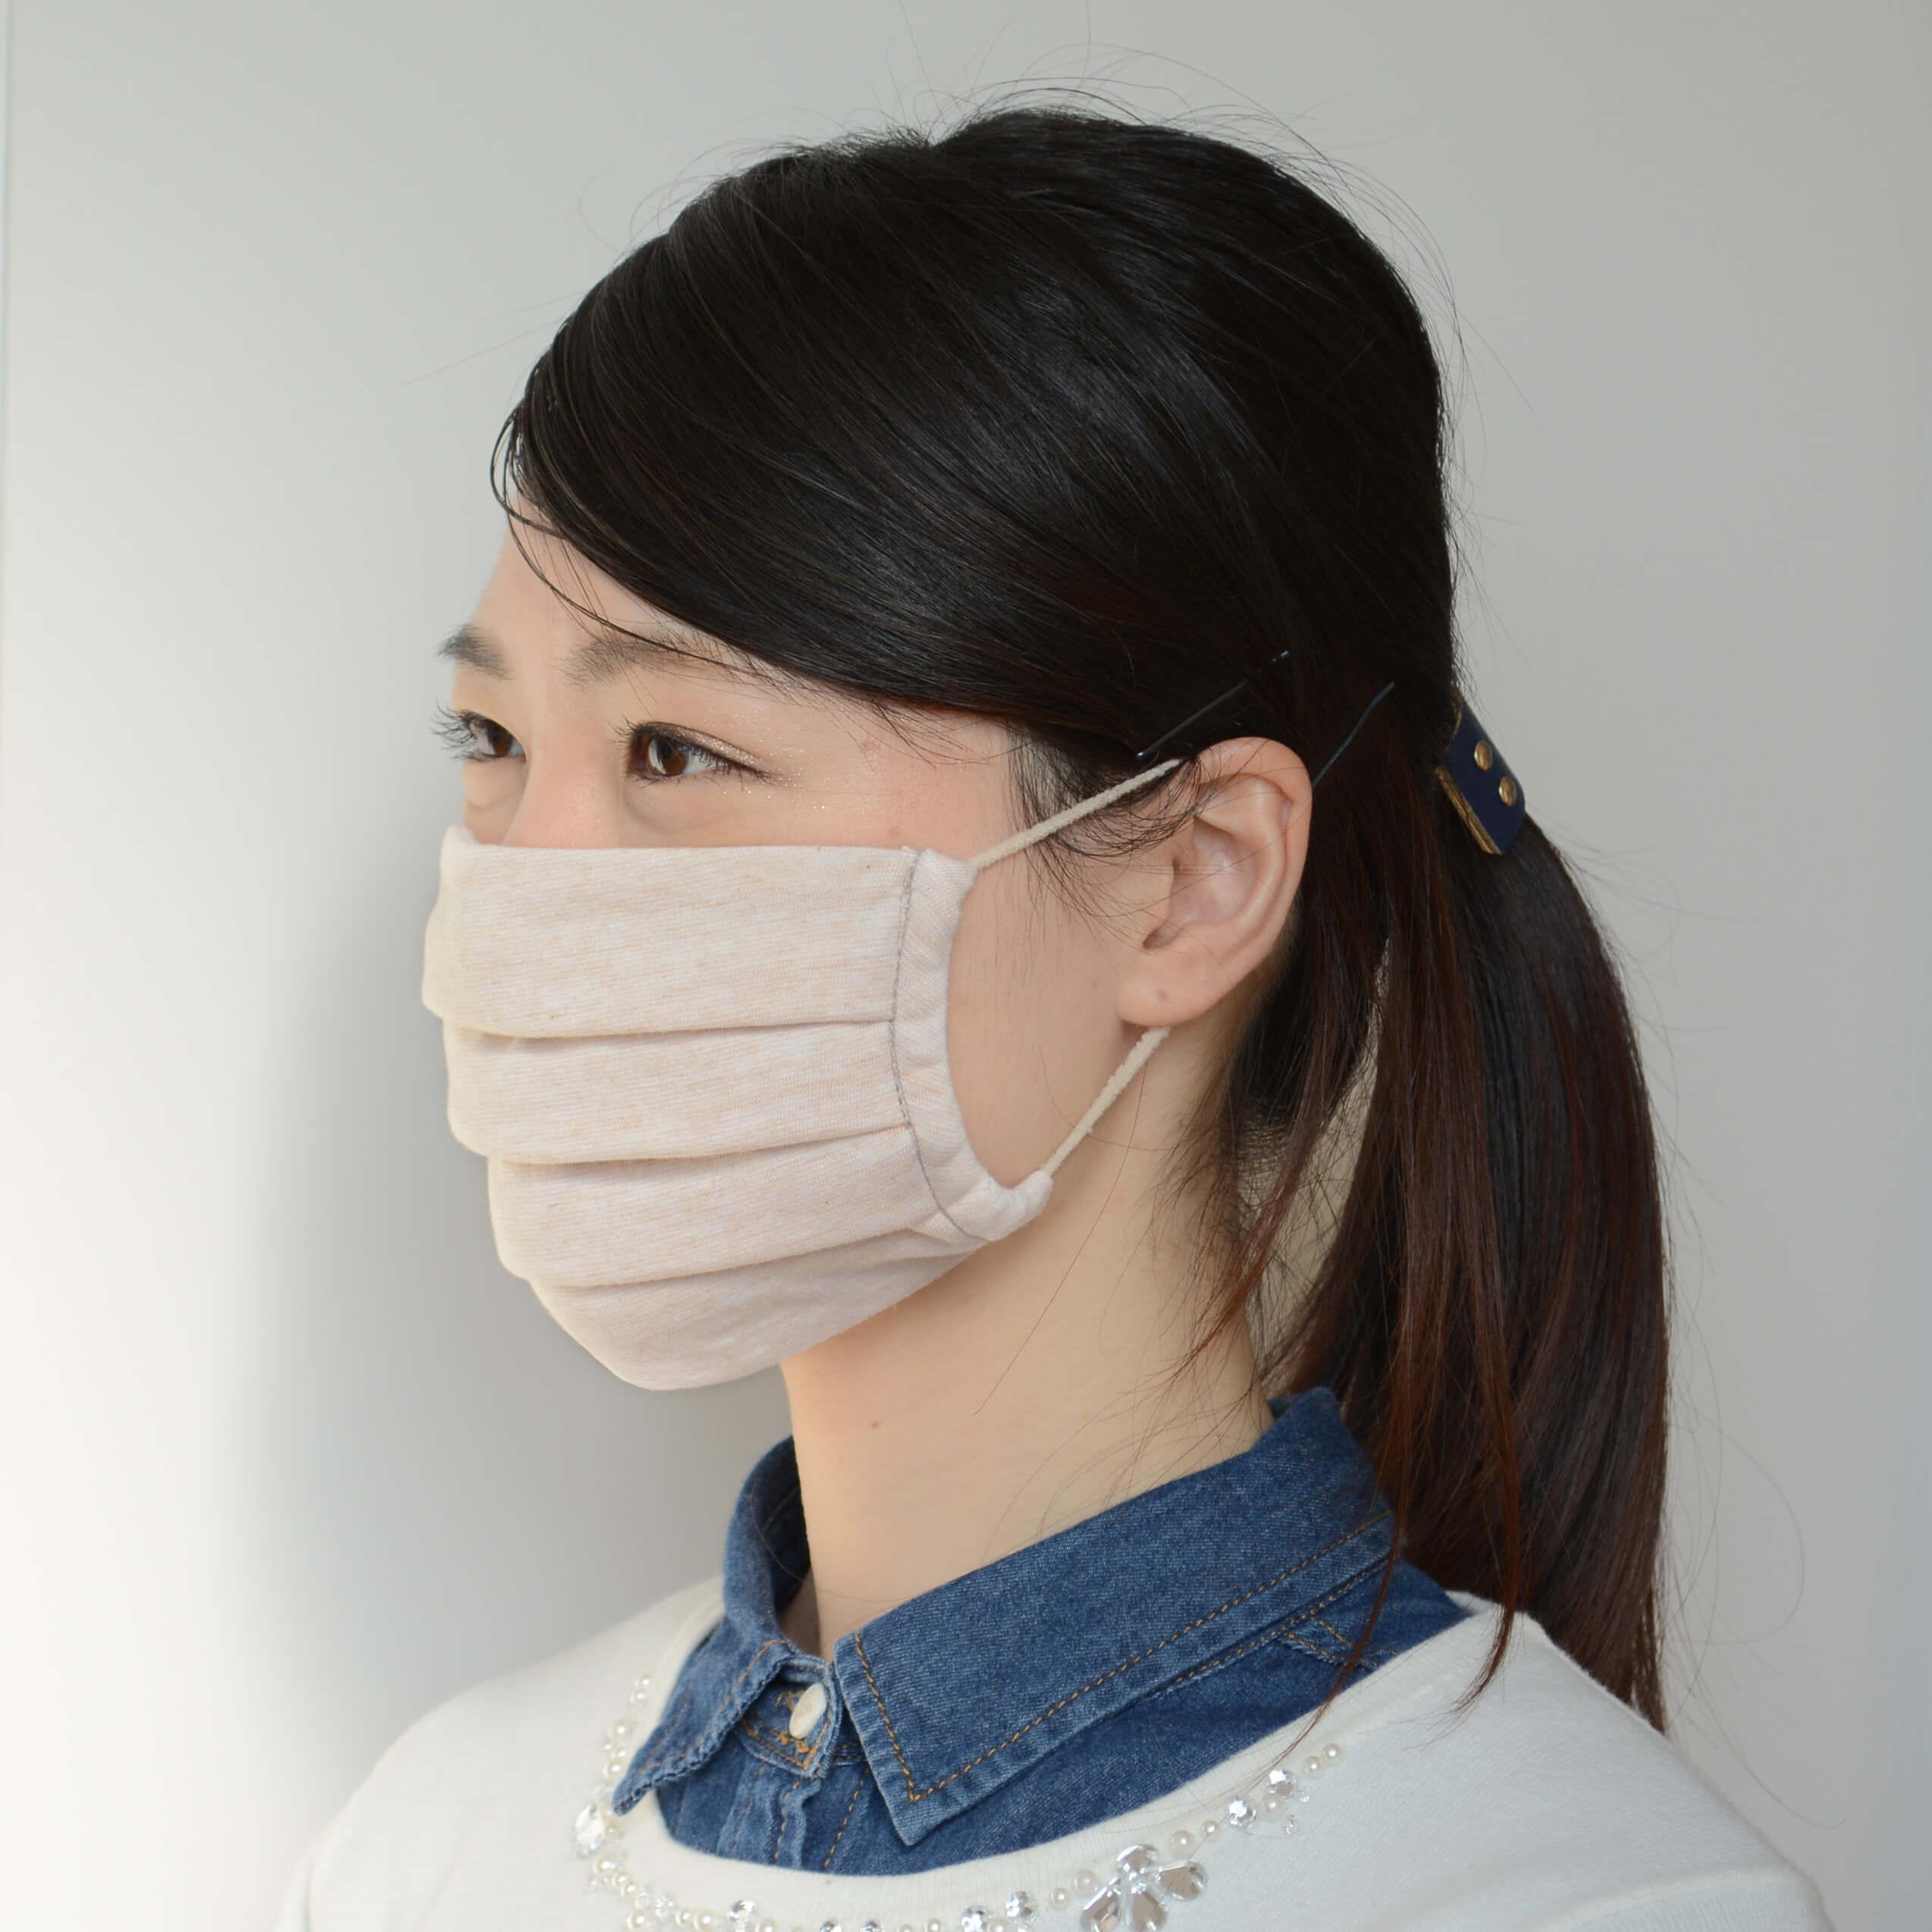 消臭・抗菌もできて敏感肌にも優しいマスク